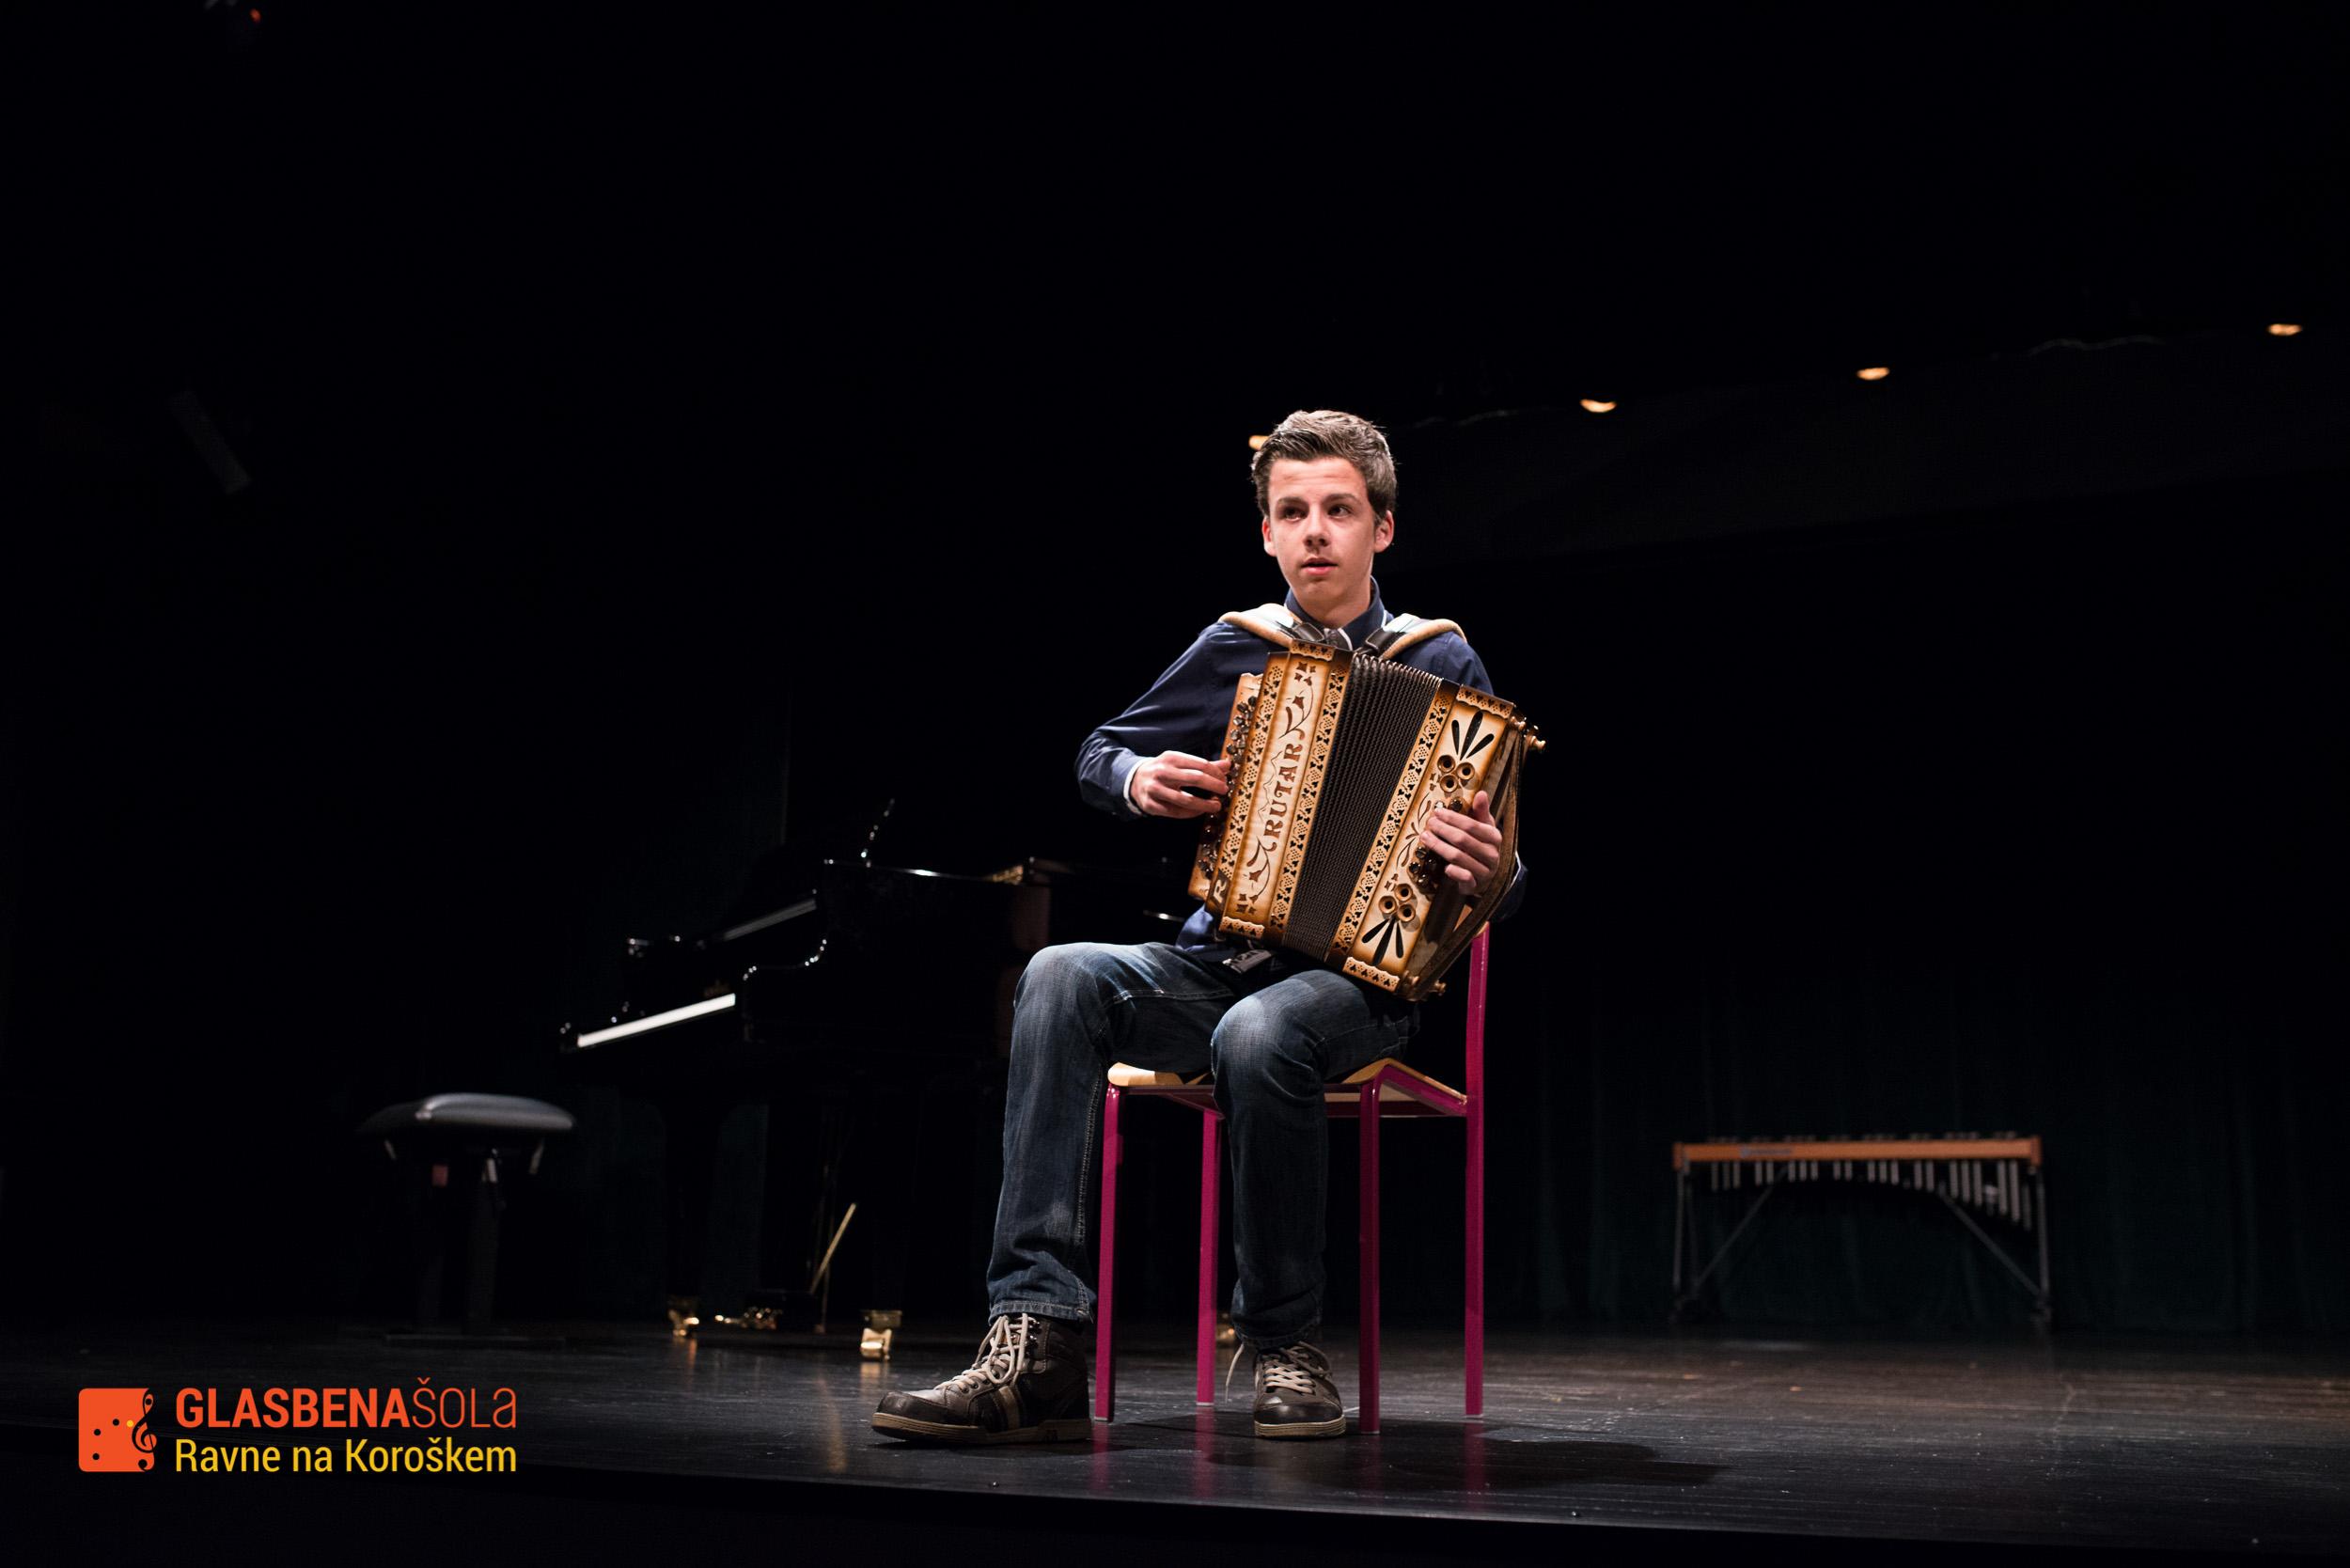 koncert-08-11-2014-21